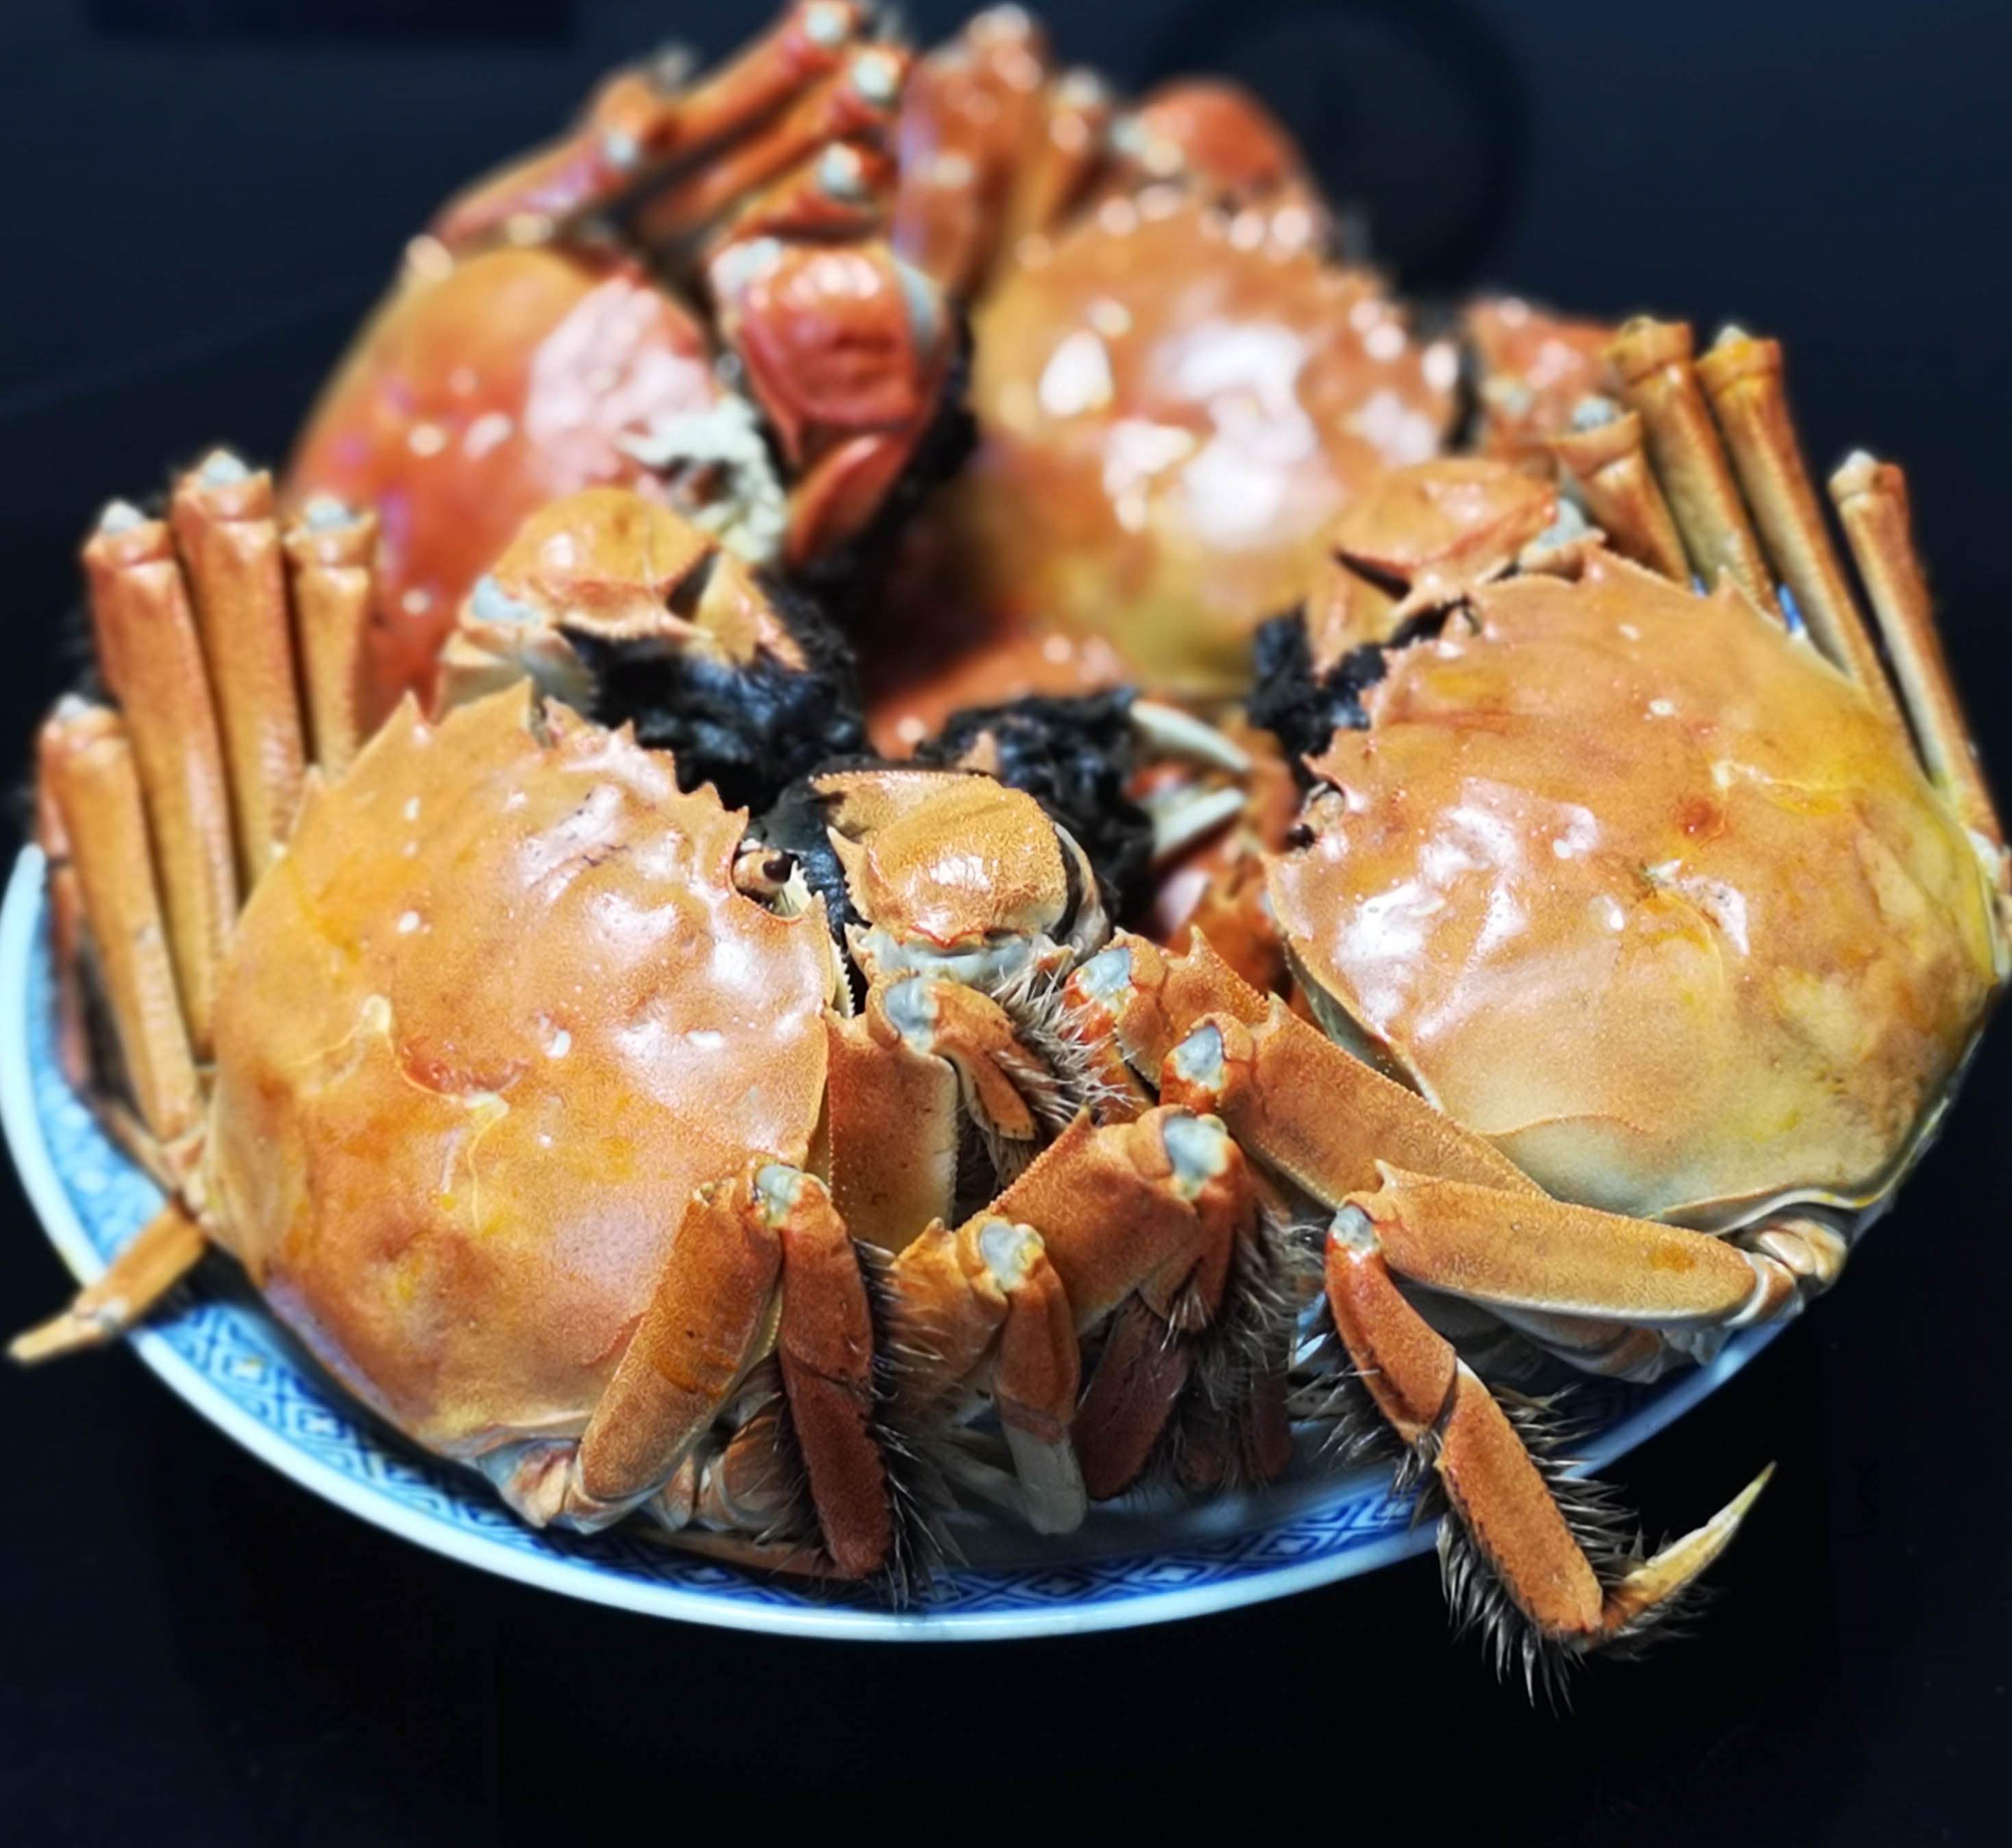 夏季吃海鲜要谨慎